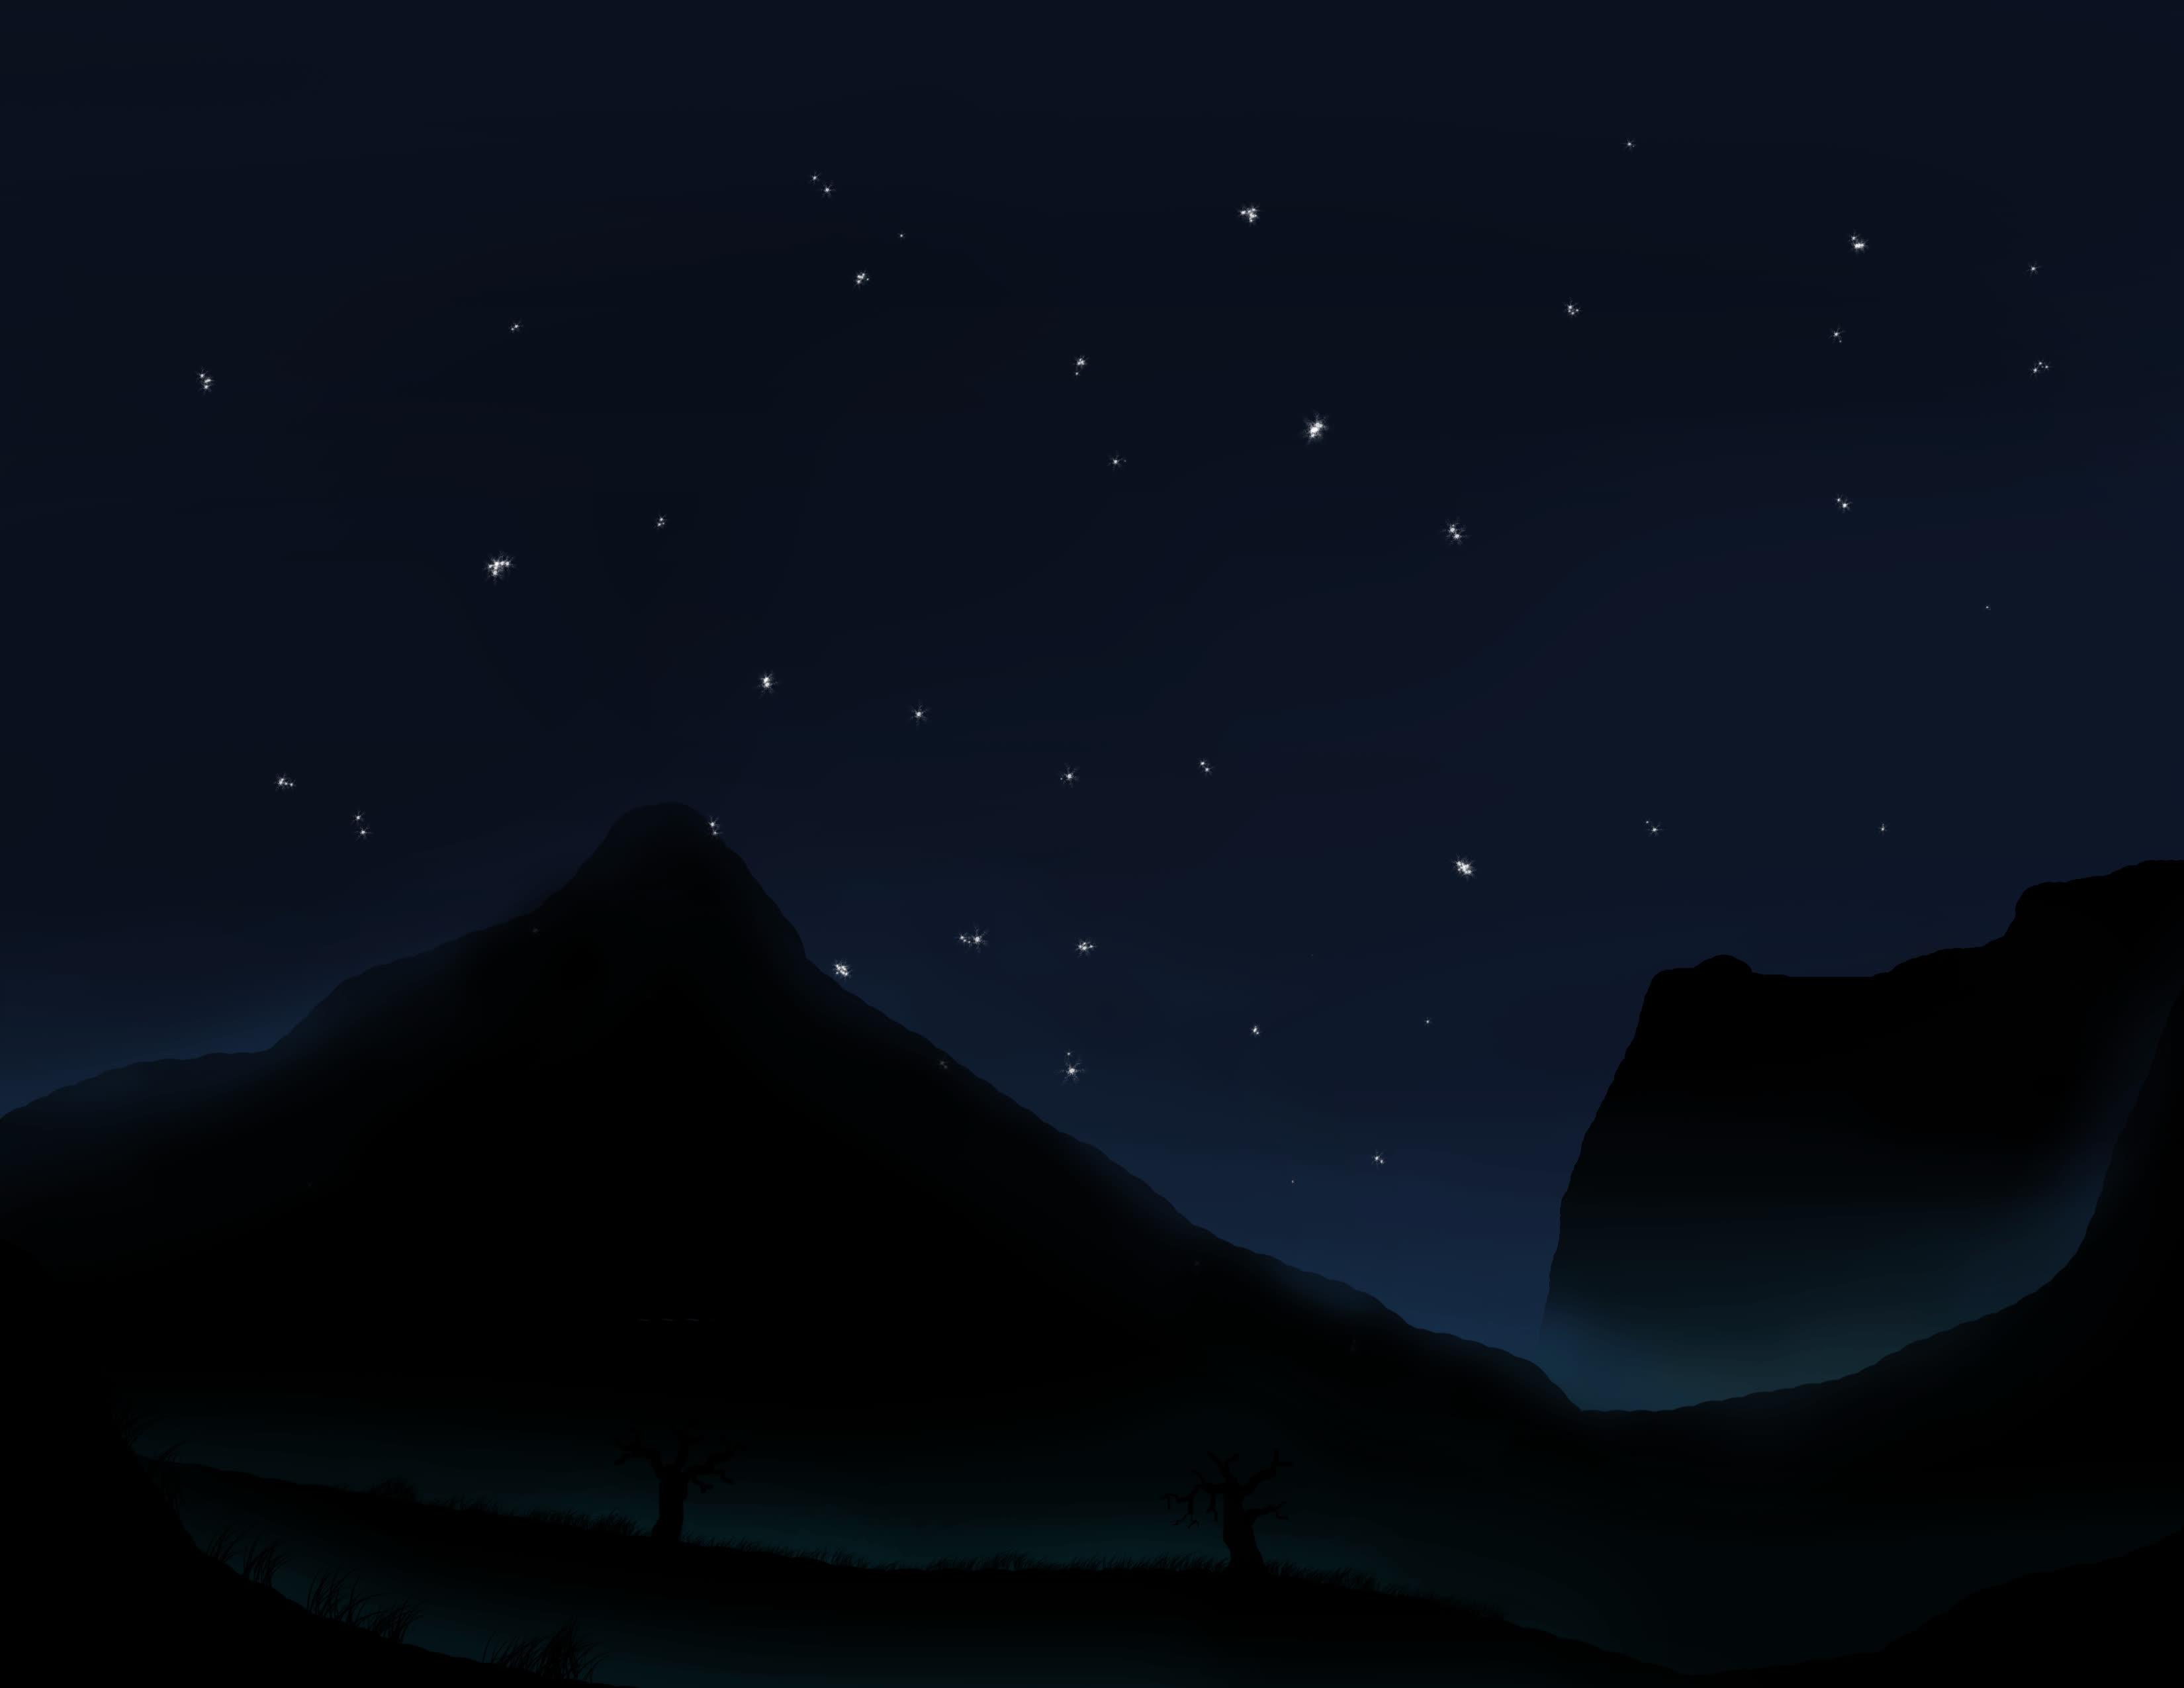 Прикольные, ночное небо гифы